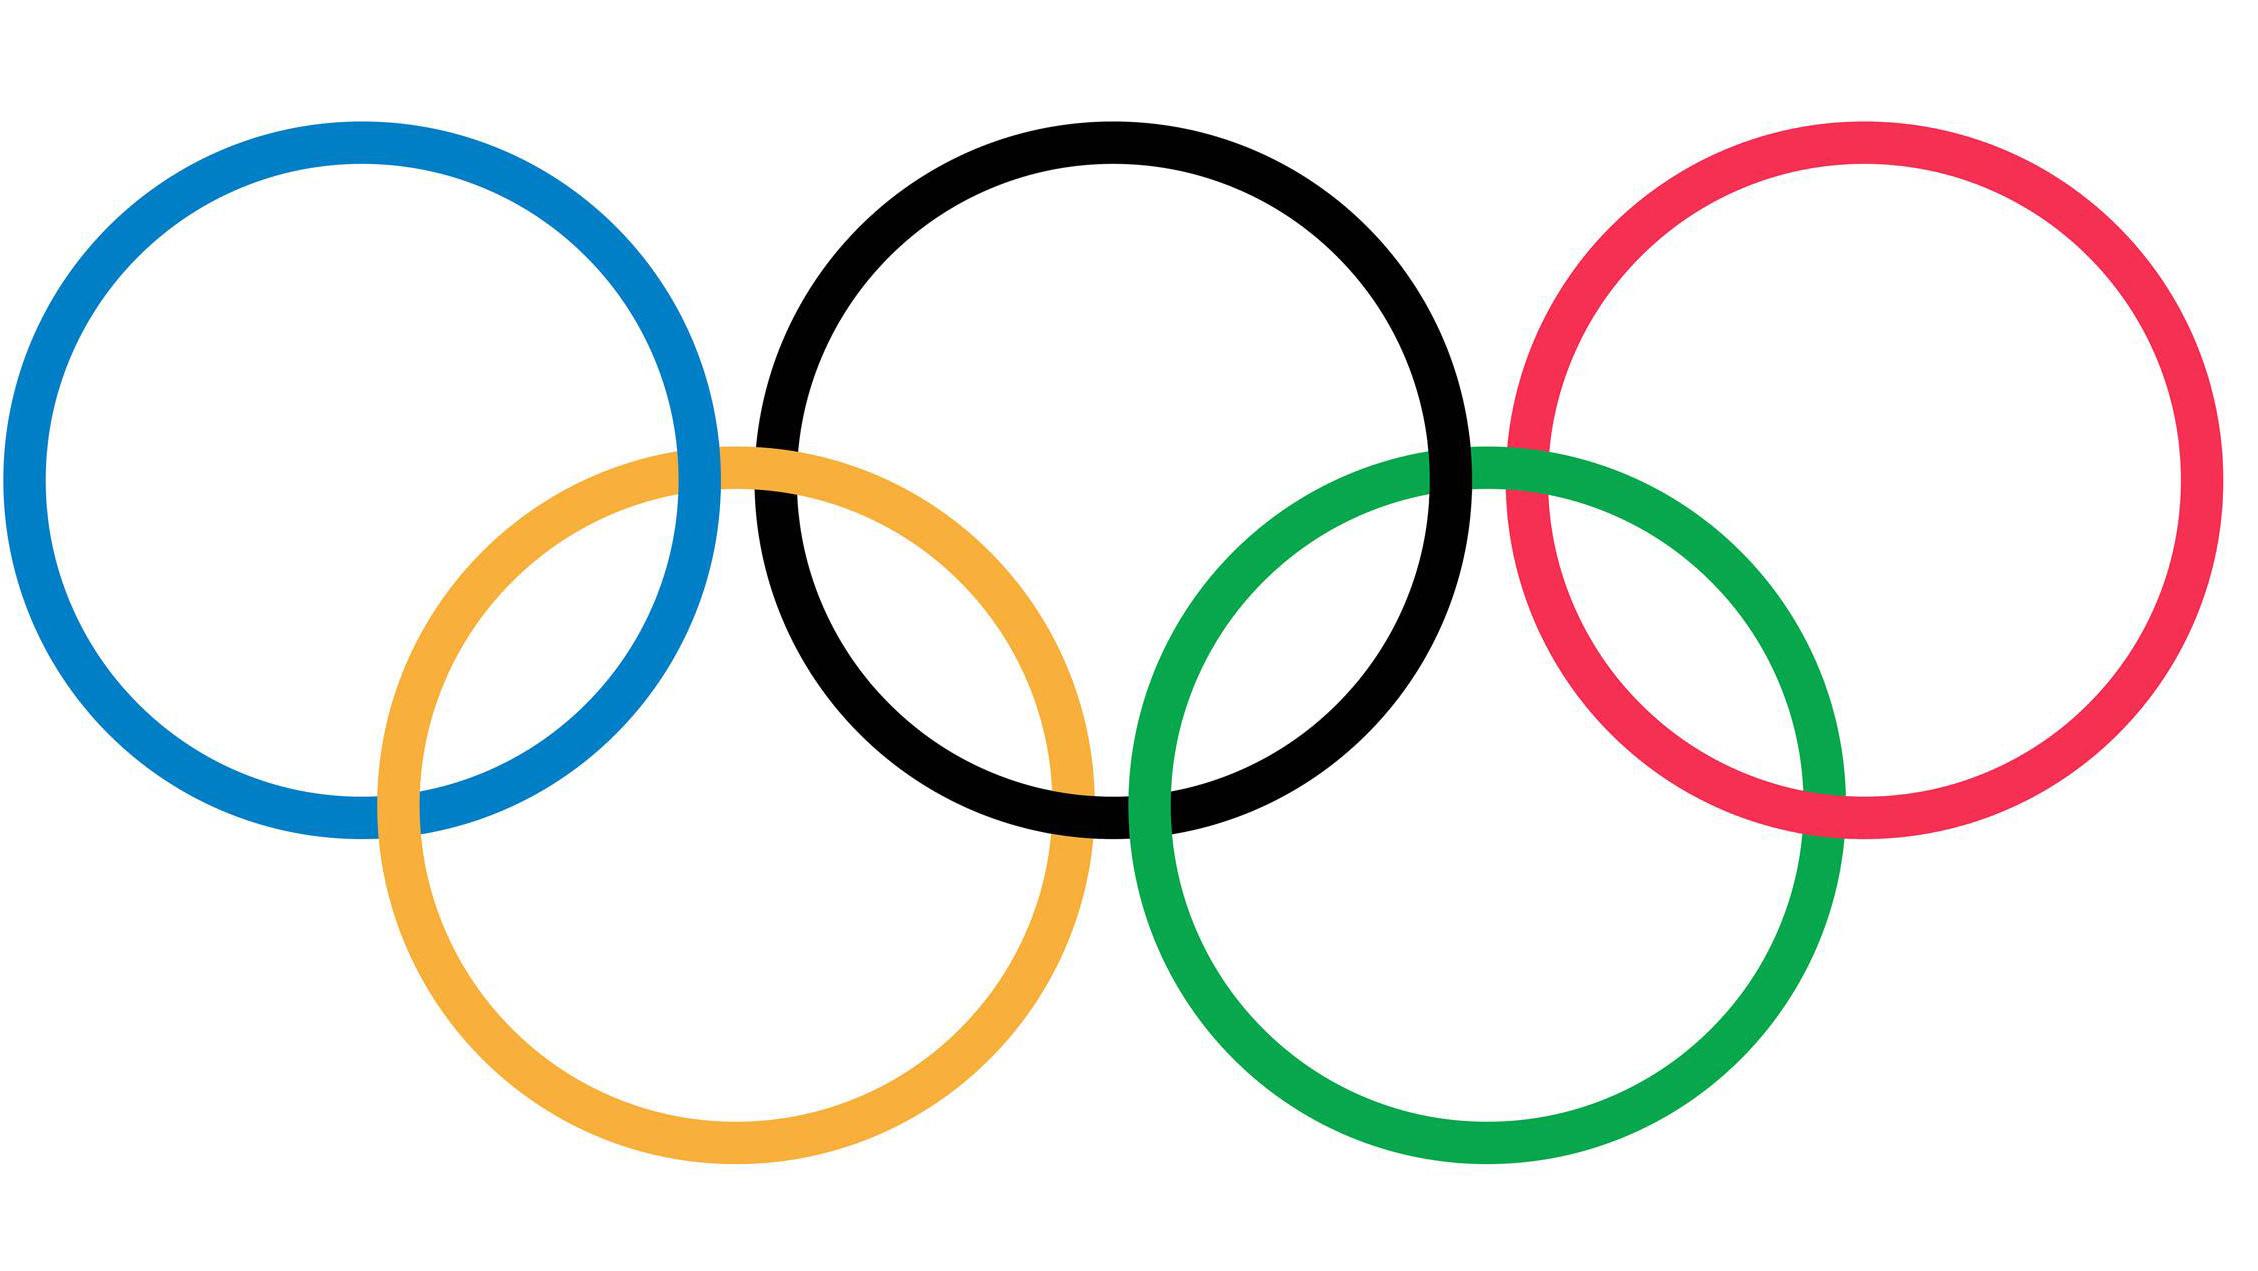 东京奥运会测试赛明年3月4日重启365亚洲唯一官网下载,第一项比赛是花样游泳